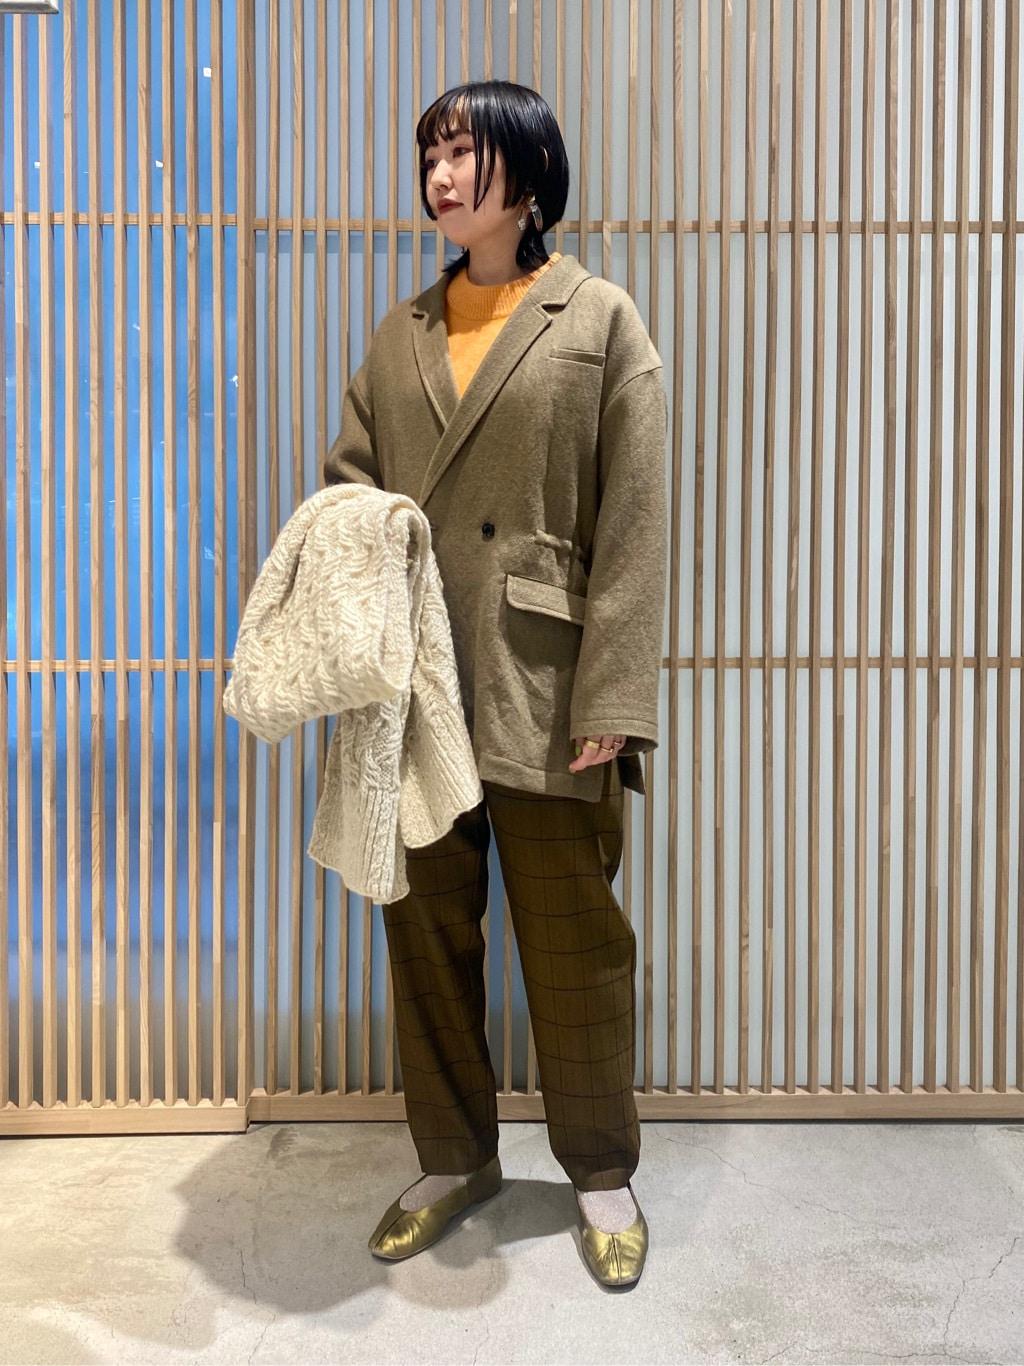 ルクア大阪 2020.11.13